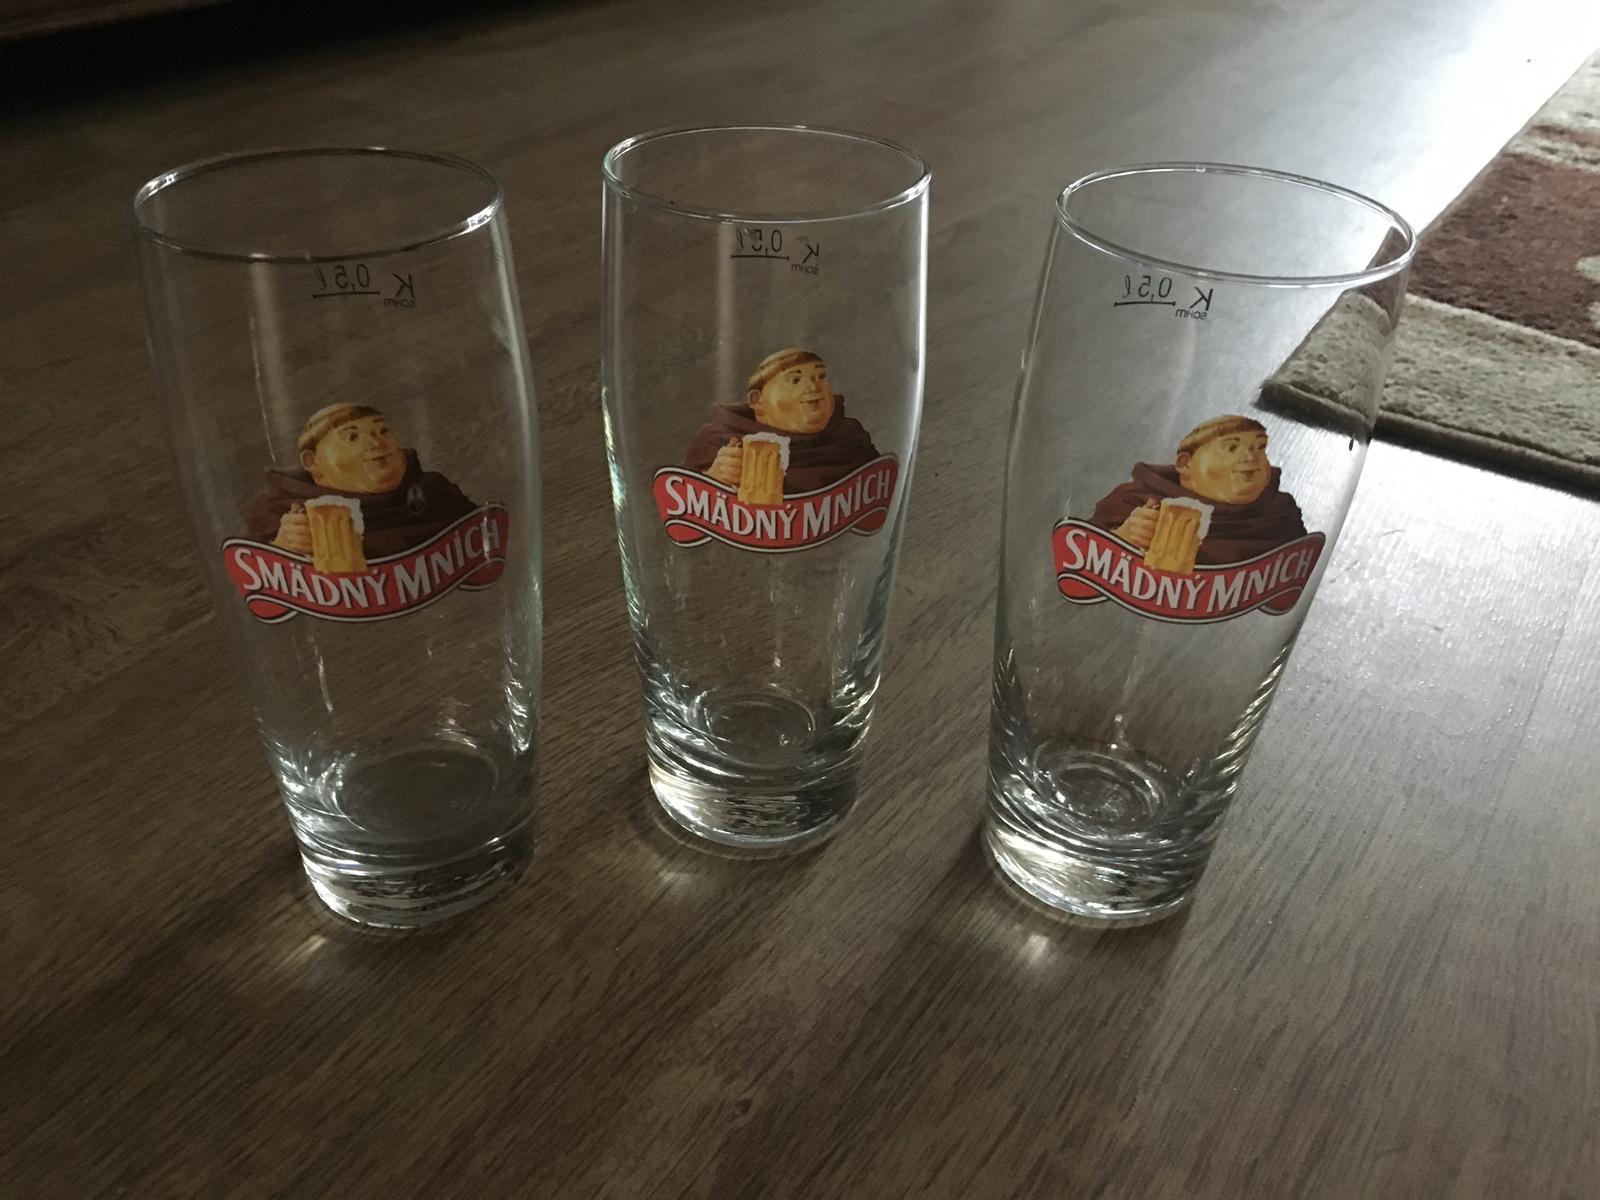 Poháre na pivo smädný mnich - Obrázok č. 1